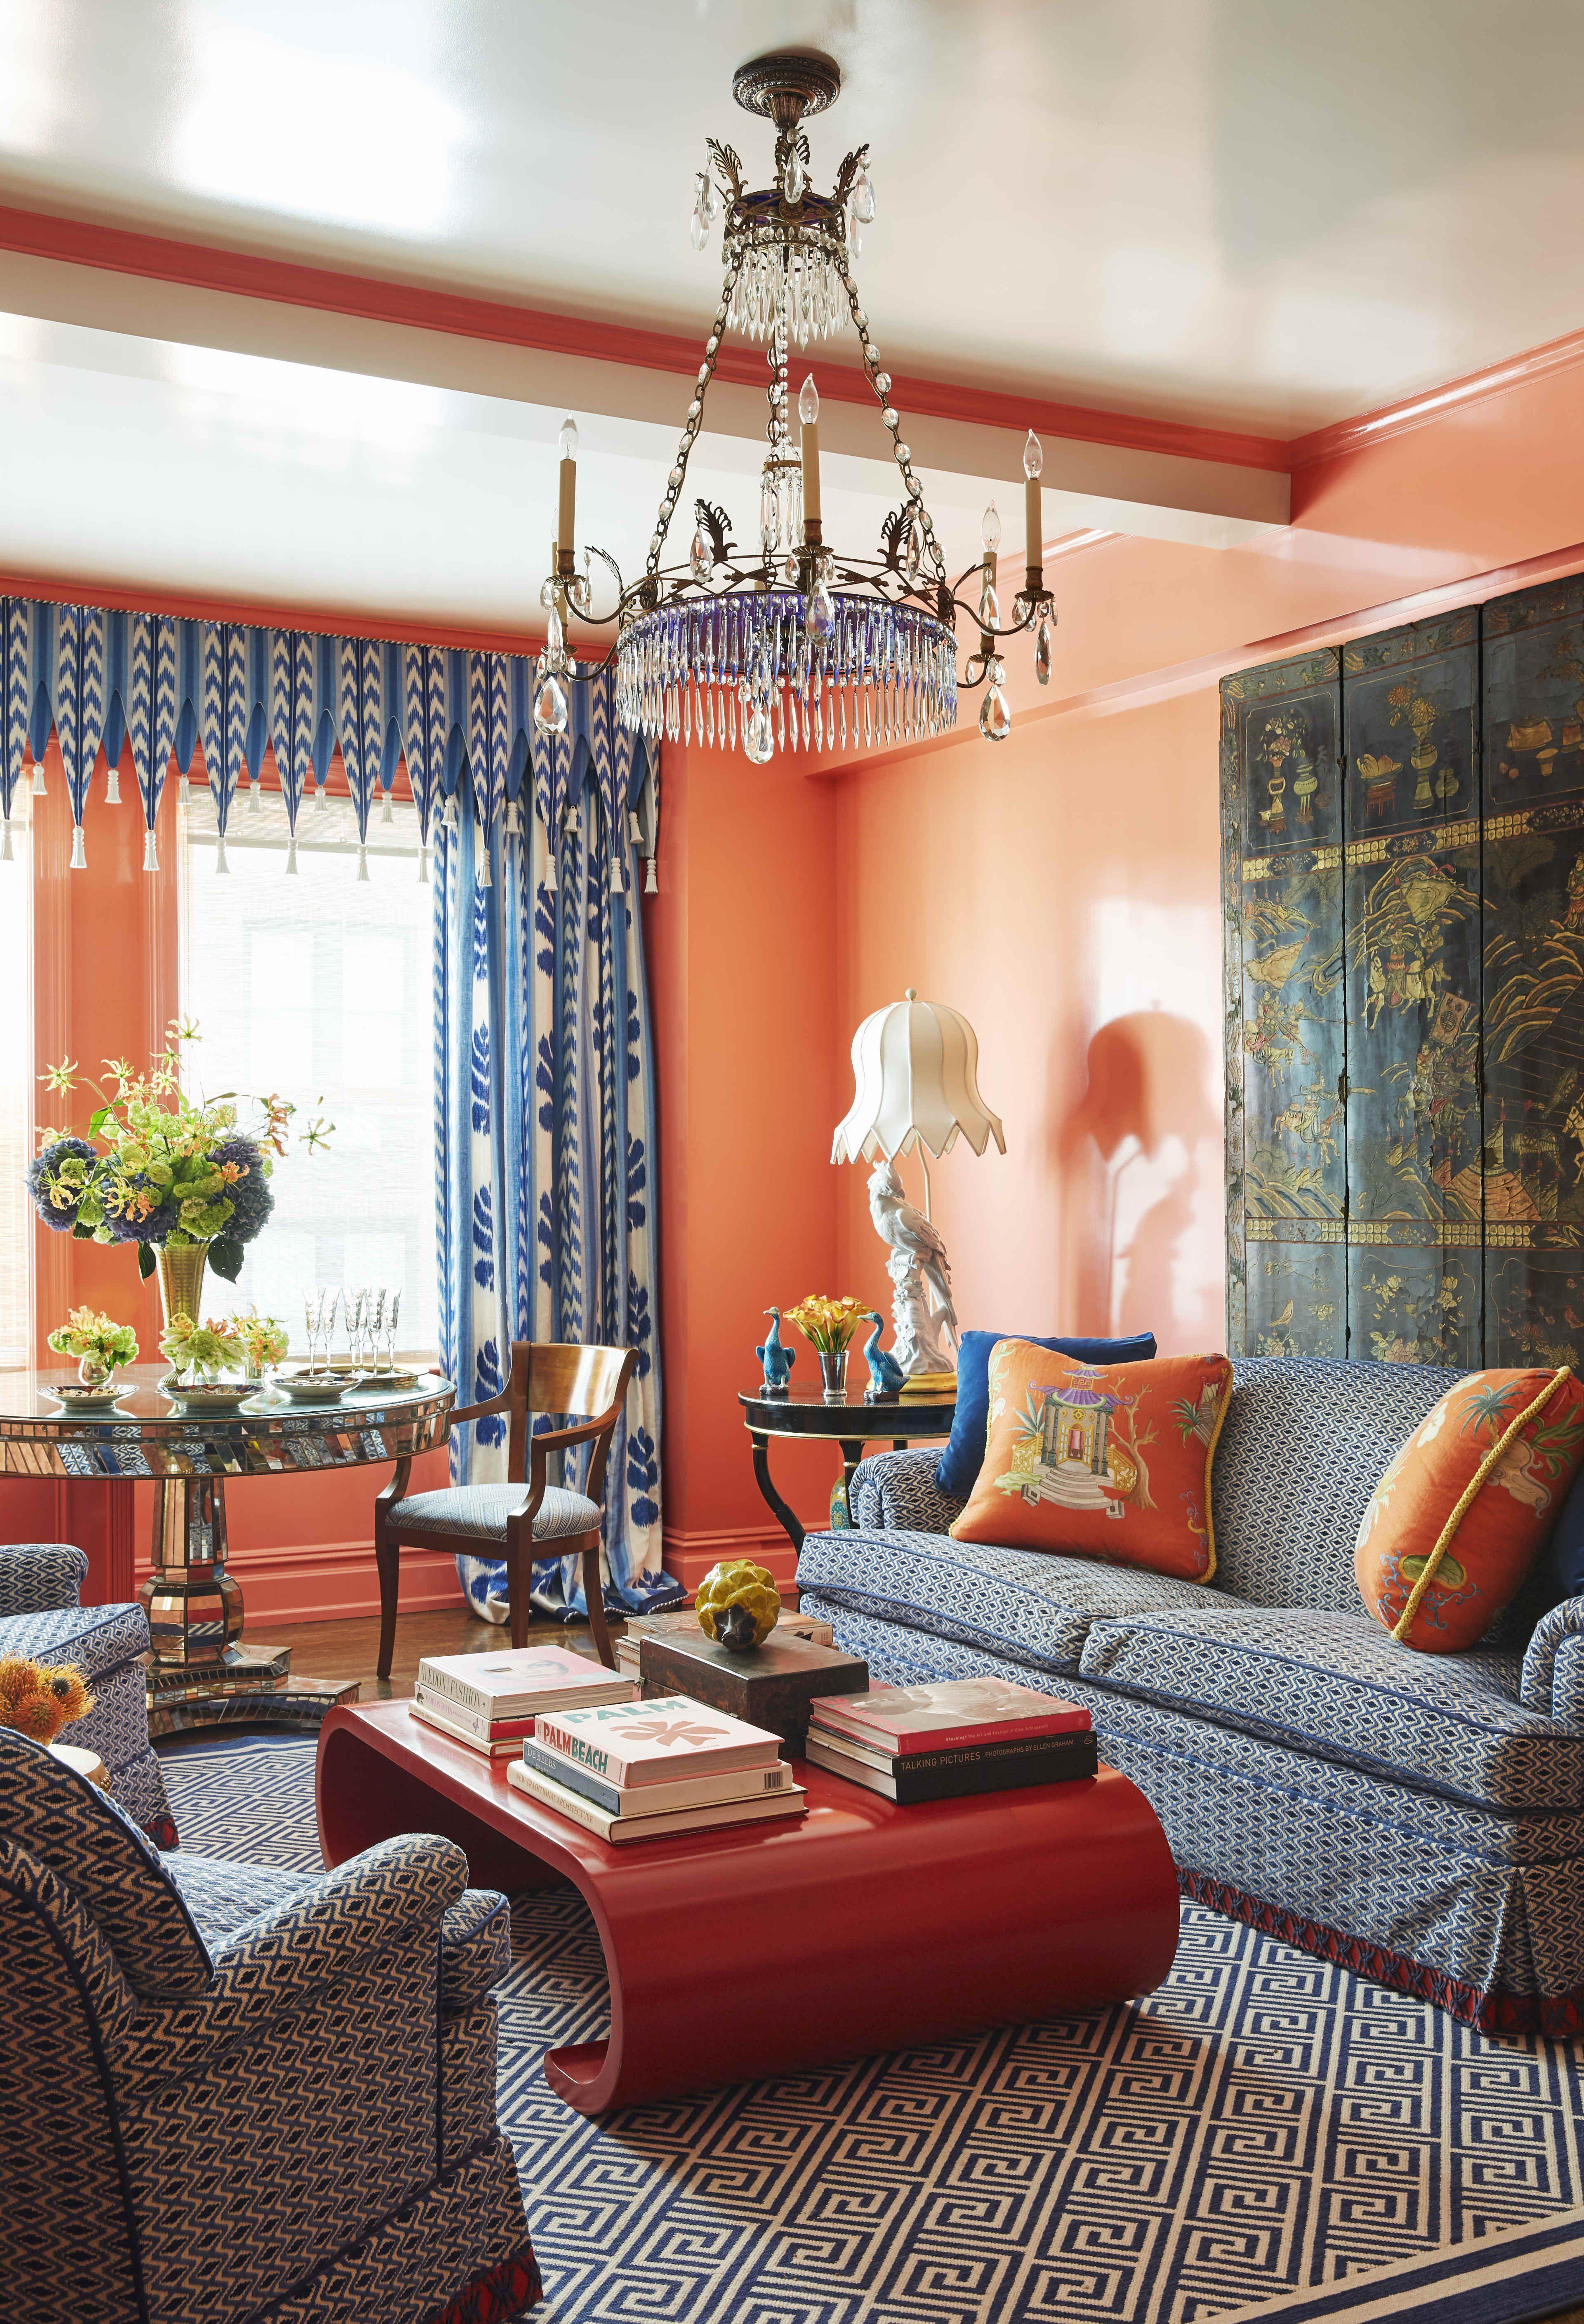 30 stylish apartment decorating ideas